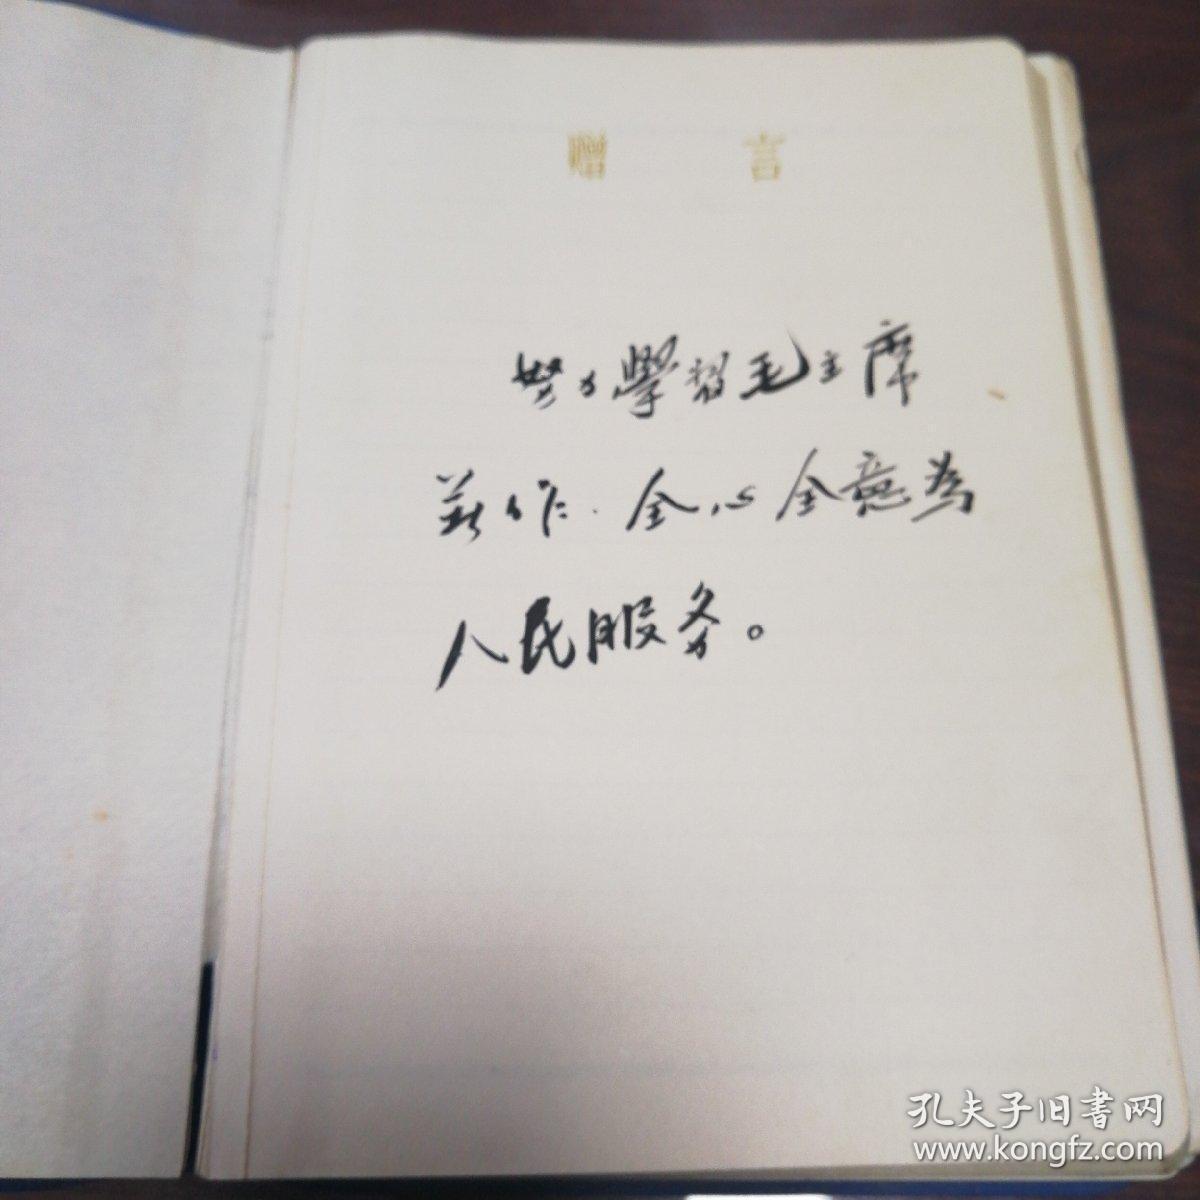 第二次握手(手抄本) 作者:张扬 抄于一九七八年十二月至一九七九年一月 于阿克苏(新疆) 品相好,字迹工整